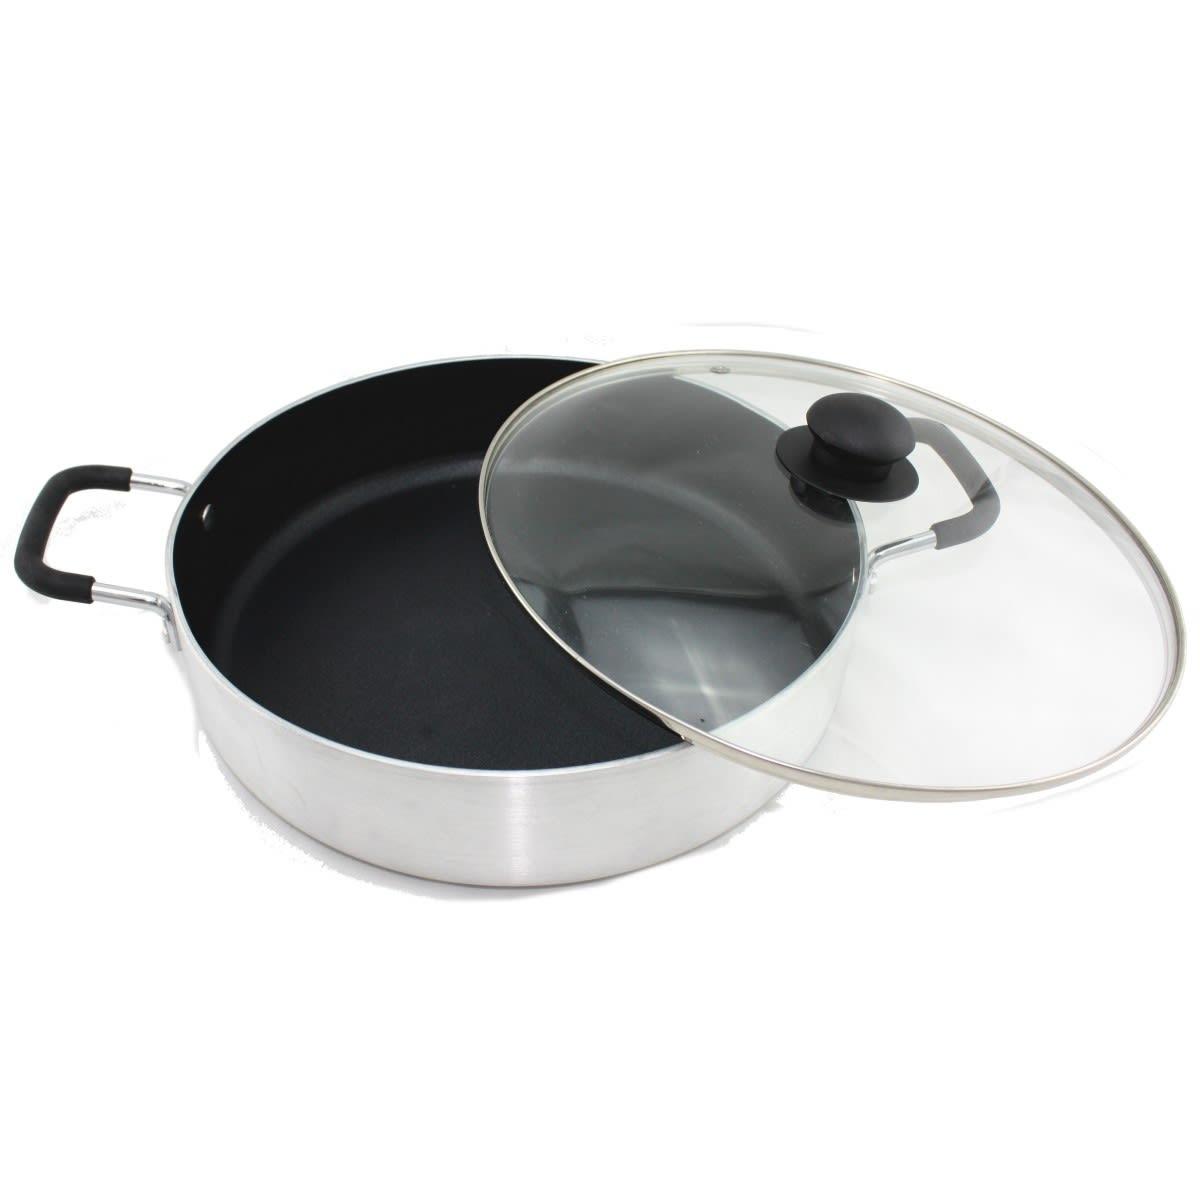 BushChef 26cm Pot and Lid Bundle